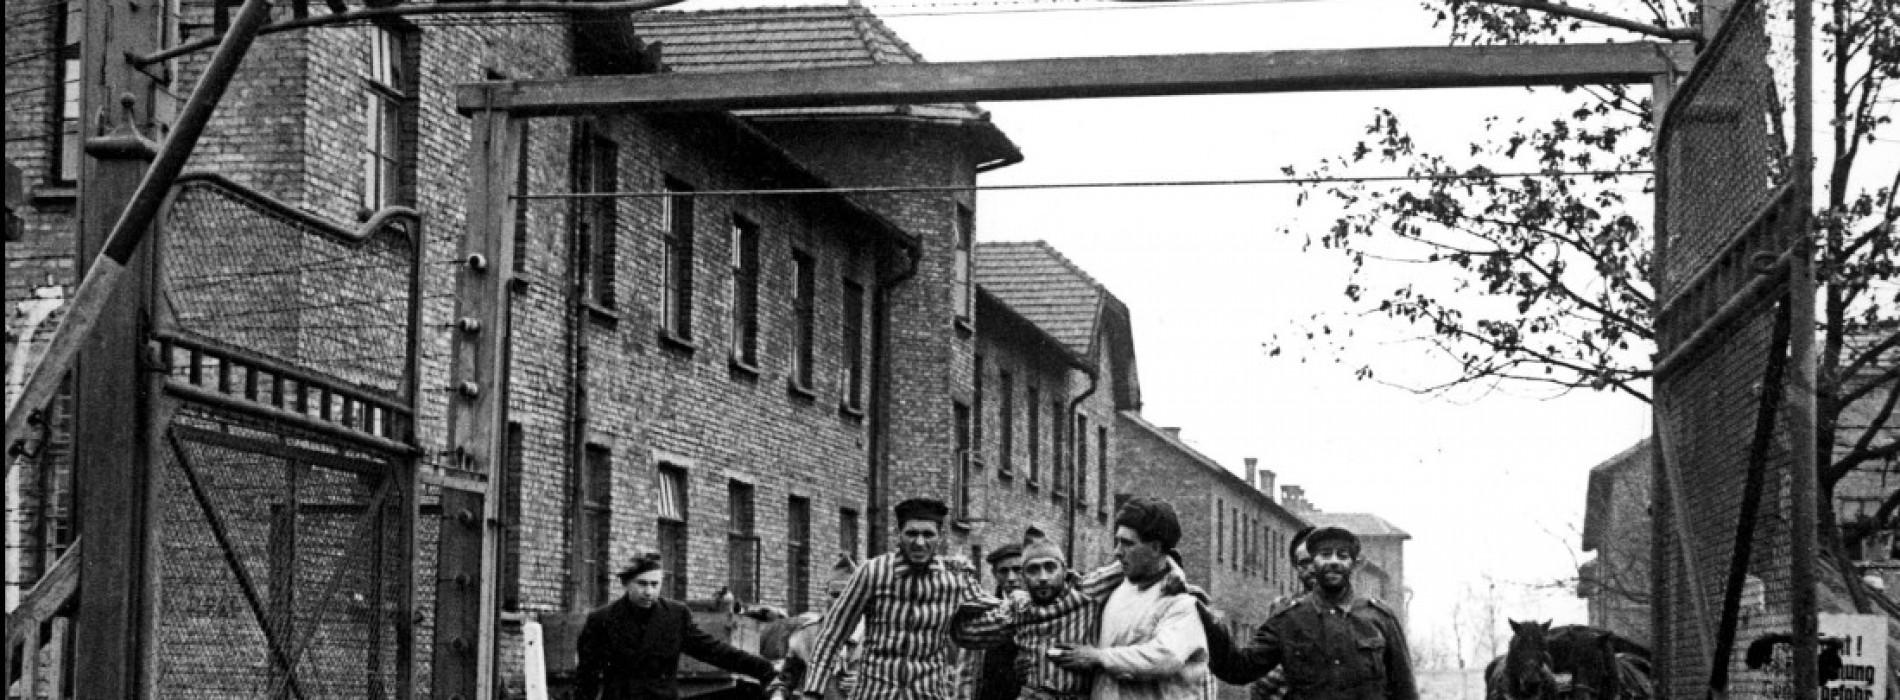 ¿Auschwitz de coartada?